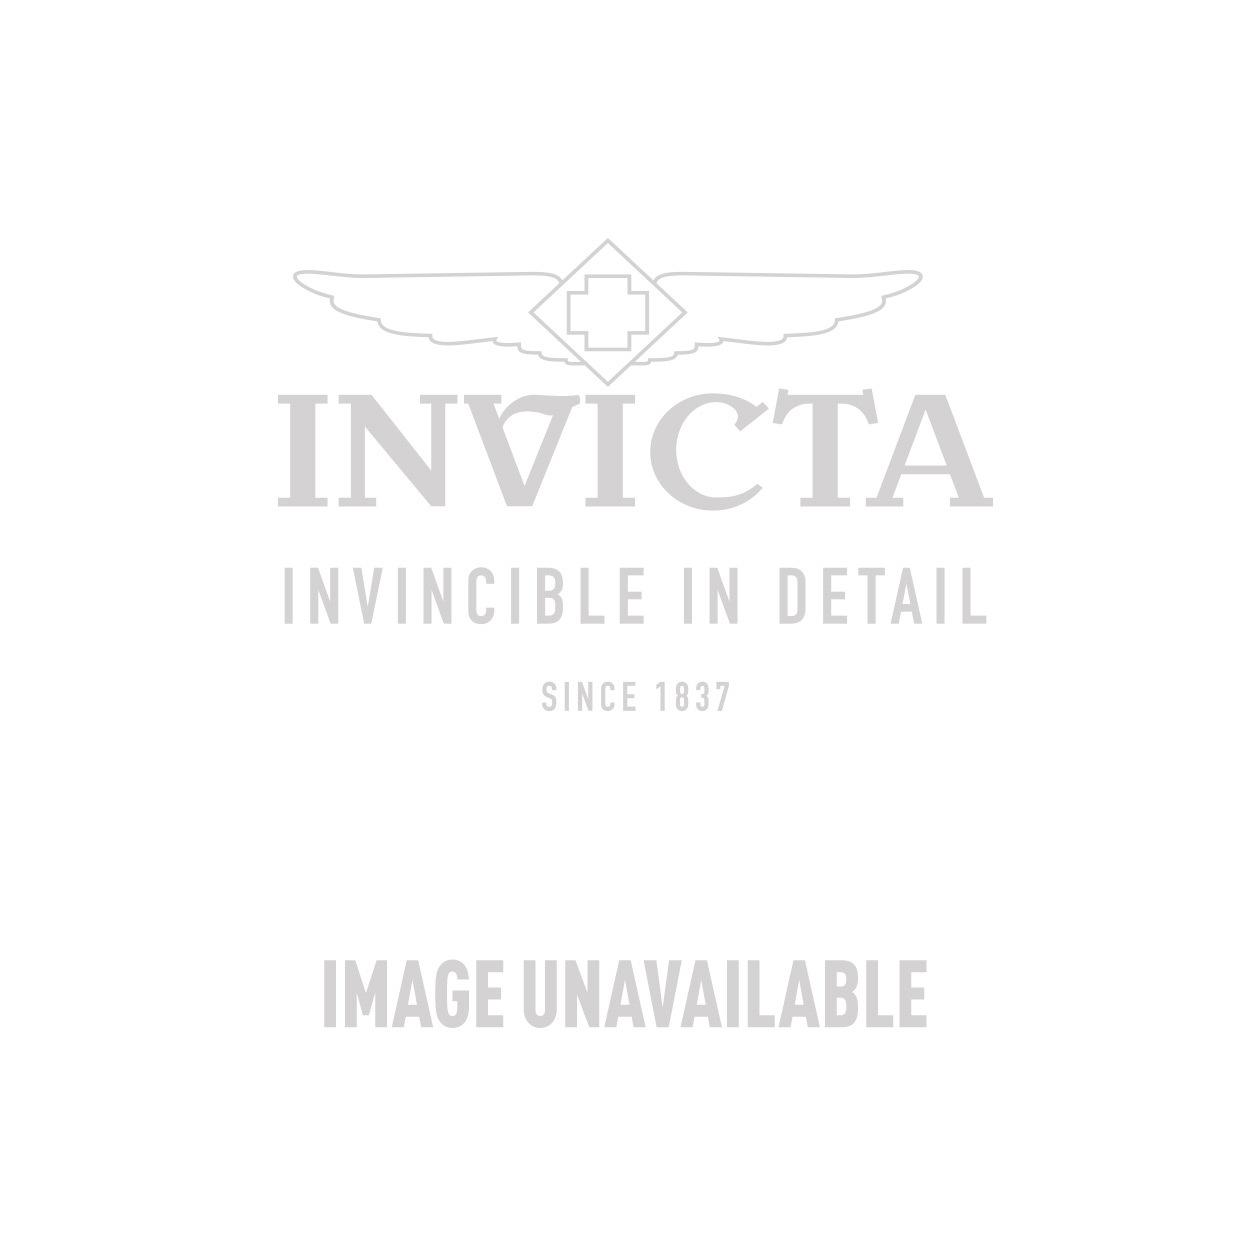 Invicta Model  26481